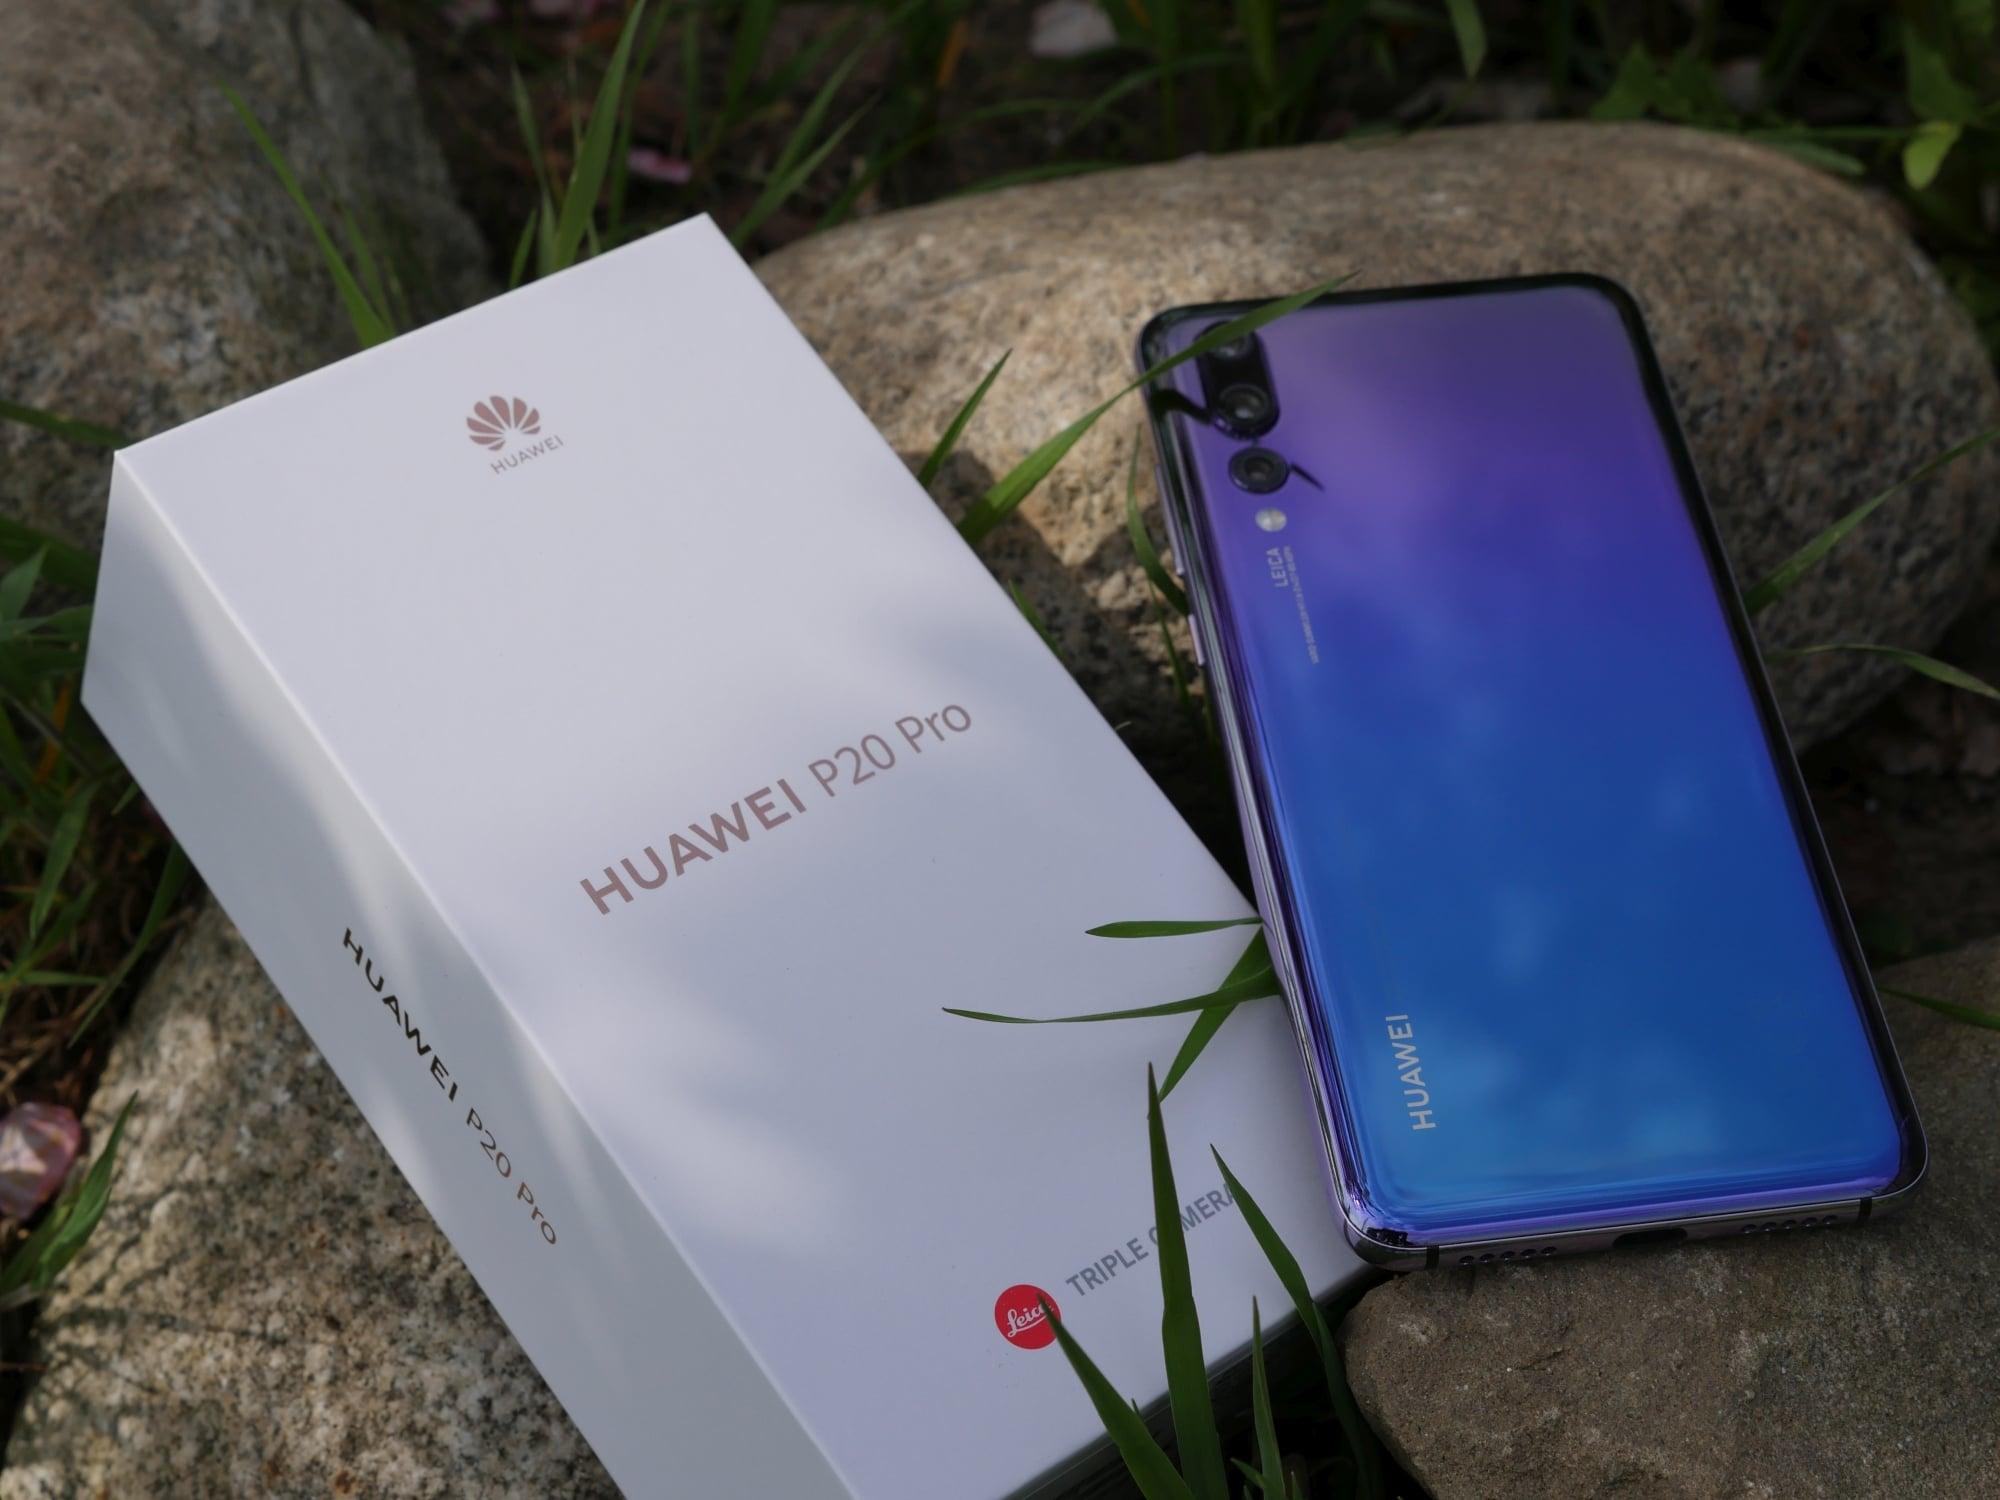 Sporo wad, spośród których wiele można wybaczyć - recenzja Huawei P20 Pro po miesiącu użytkowania 19